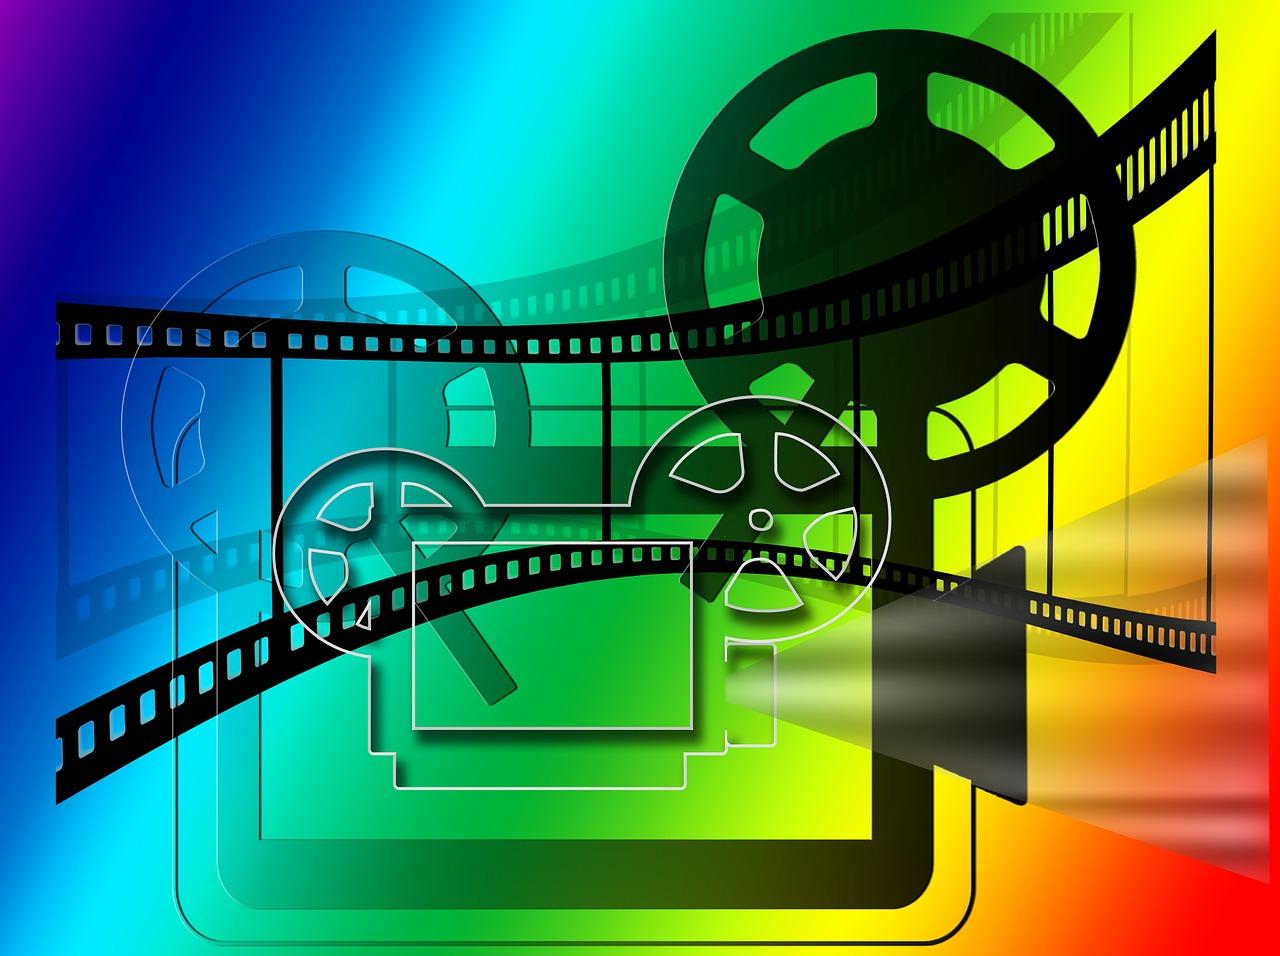 چگونه محتوای ویدئویی تولید کنیم ؟